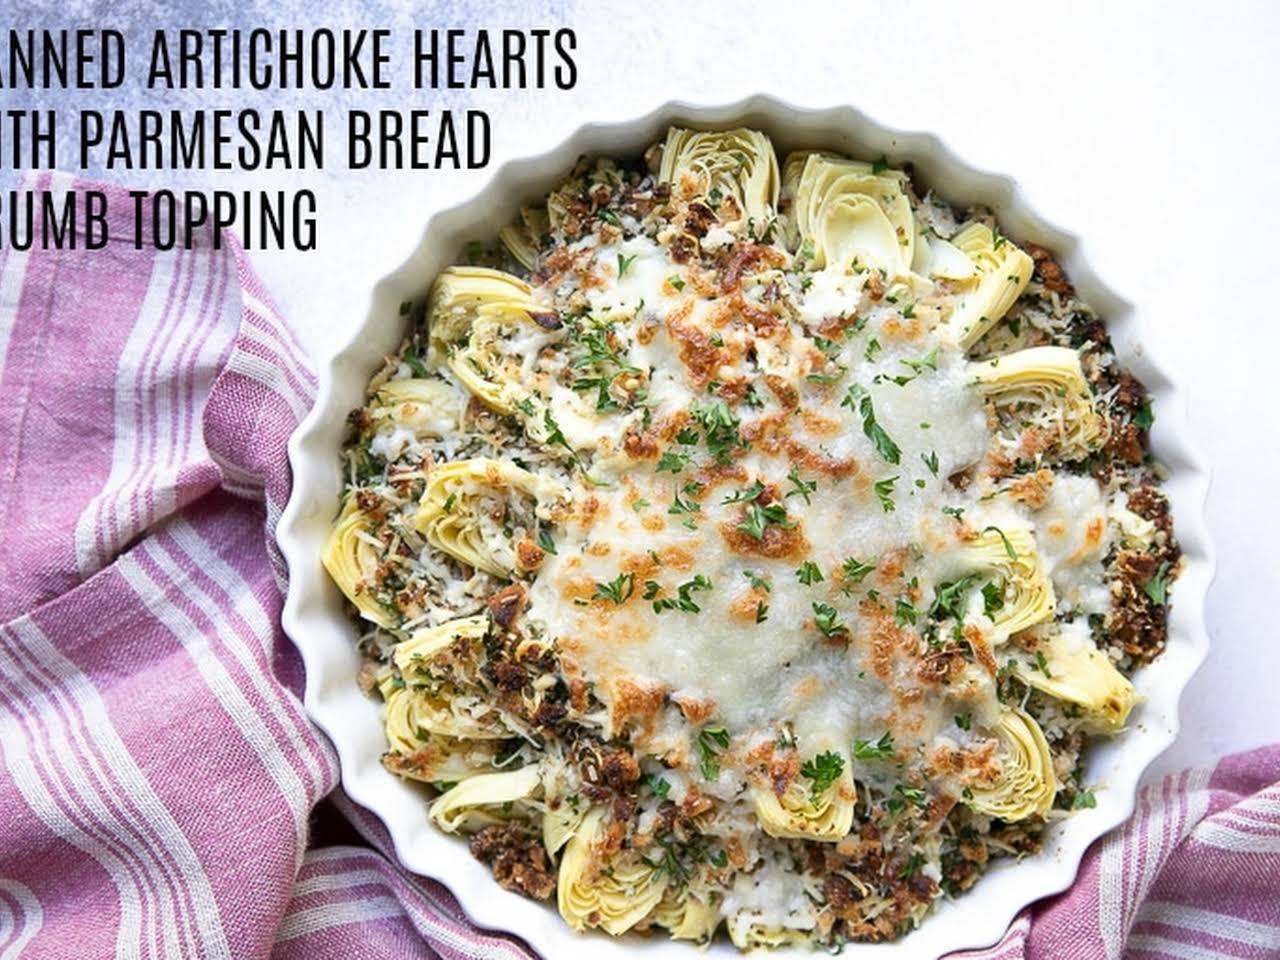 Sauteed Canned Artichoke Hearts Recipes